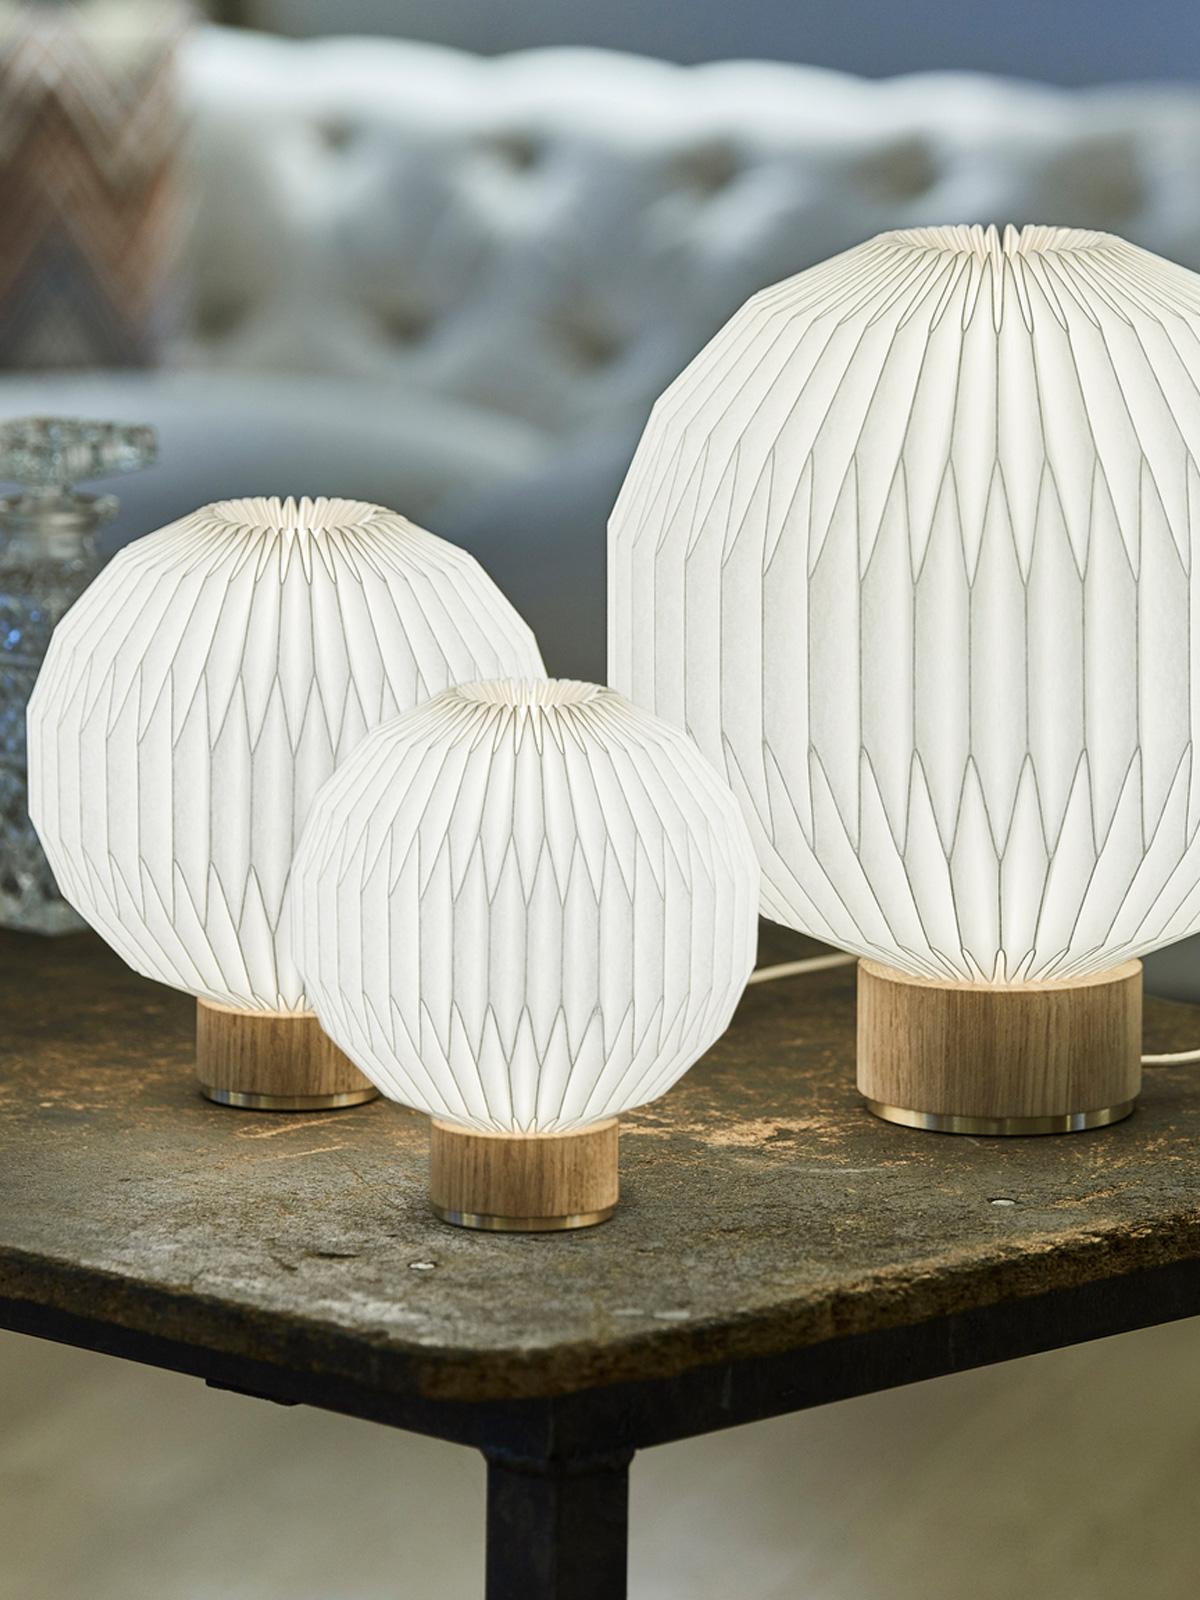 DesignOrt Blog: Le Klint 375 handgefaltete Tischlampe DesignOrt Onlineshop